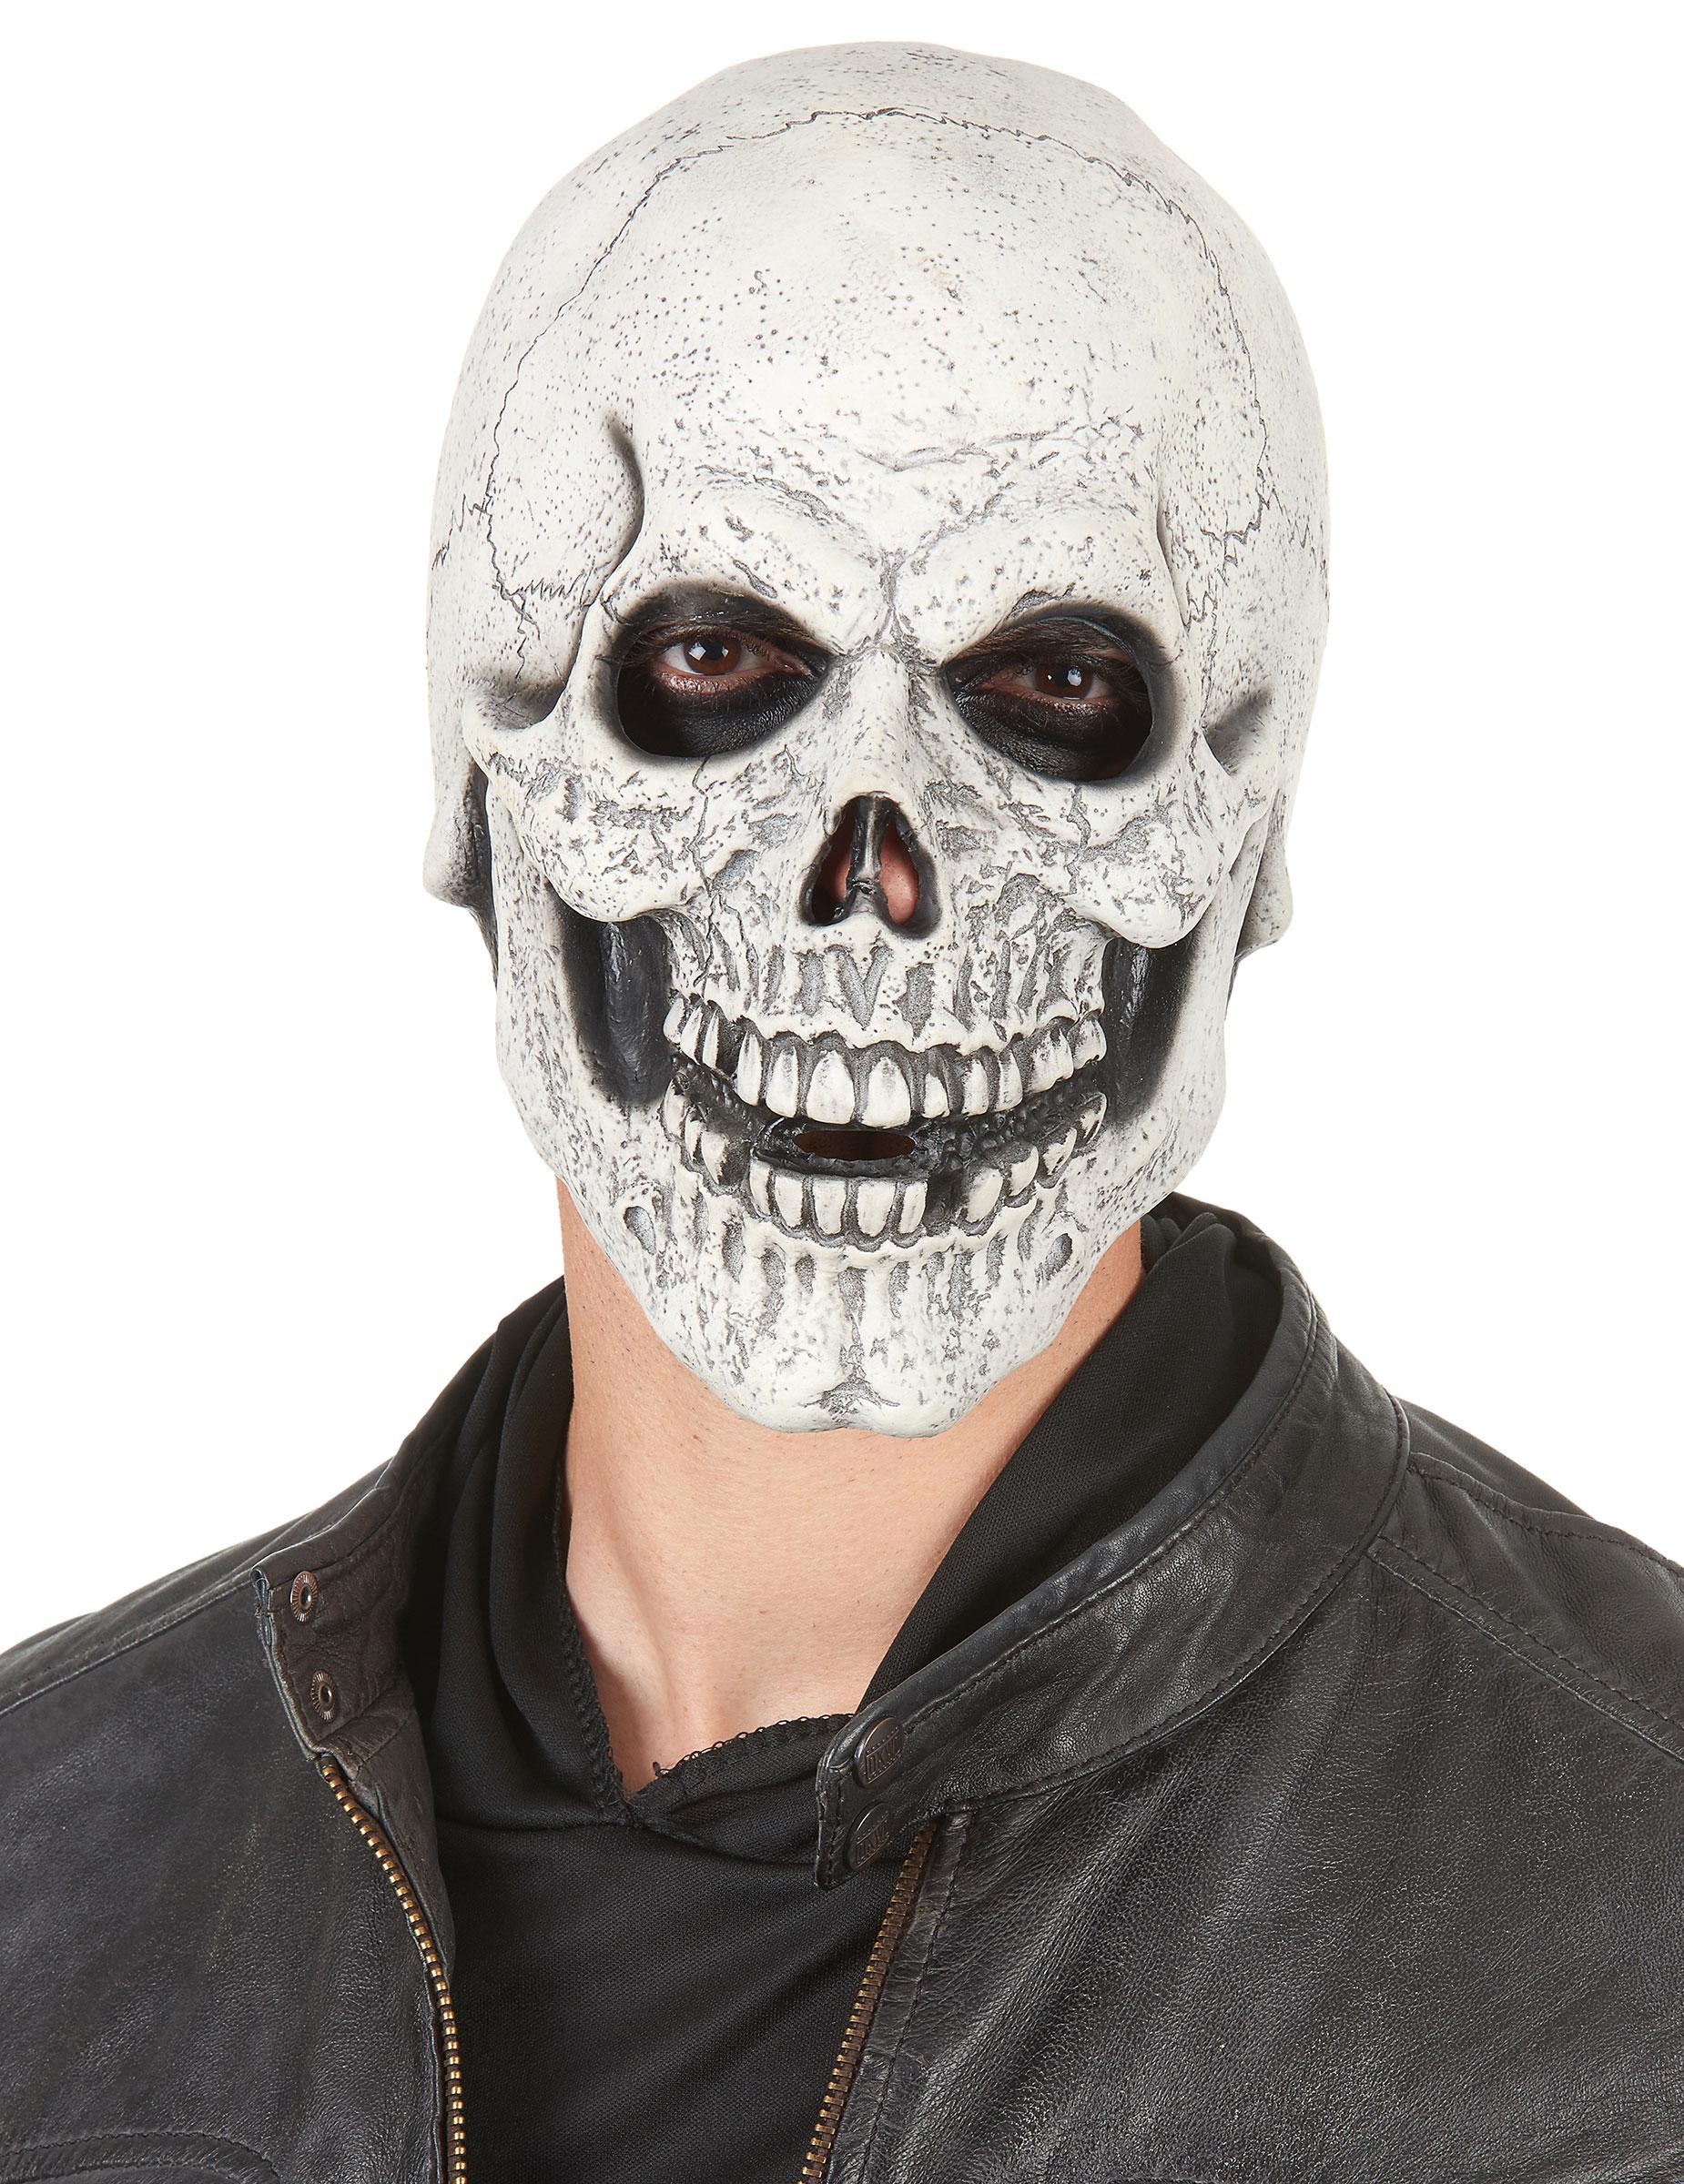 Halloween m/édical Masque Assortiment design Enfants d/éguisement th/ème C/él/ébration accessoire